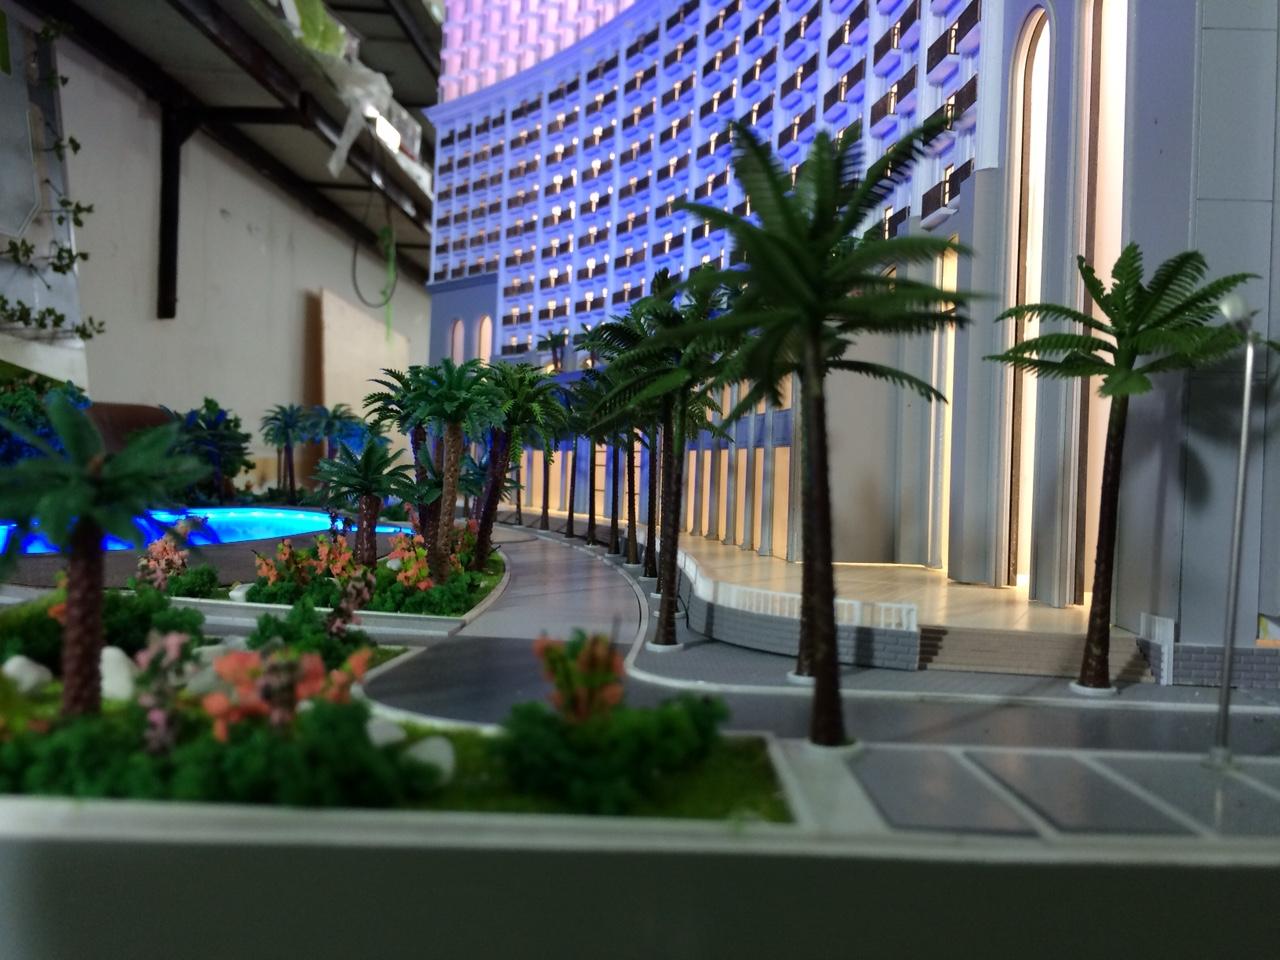 Led trang trí tòa nhà - Khu đô thị - Kiến trúc sân vườn cảnh quan